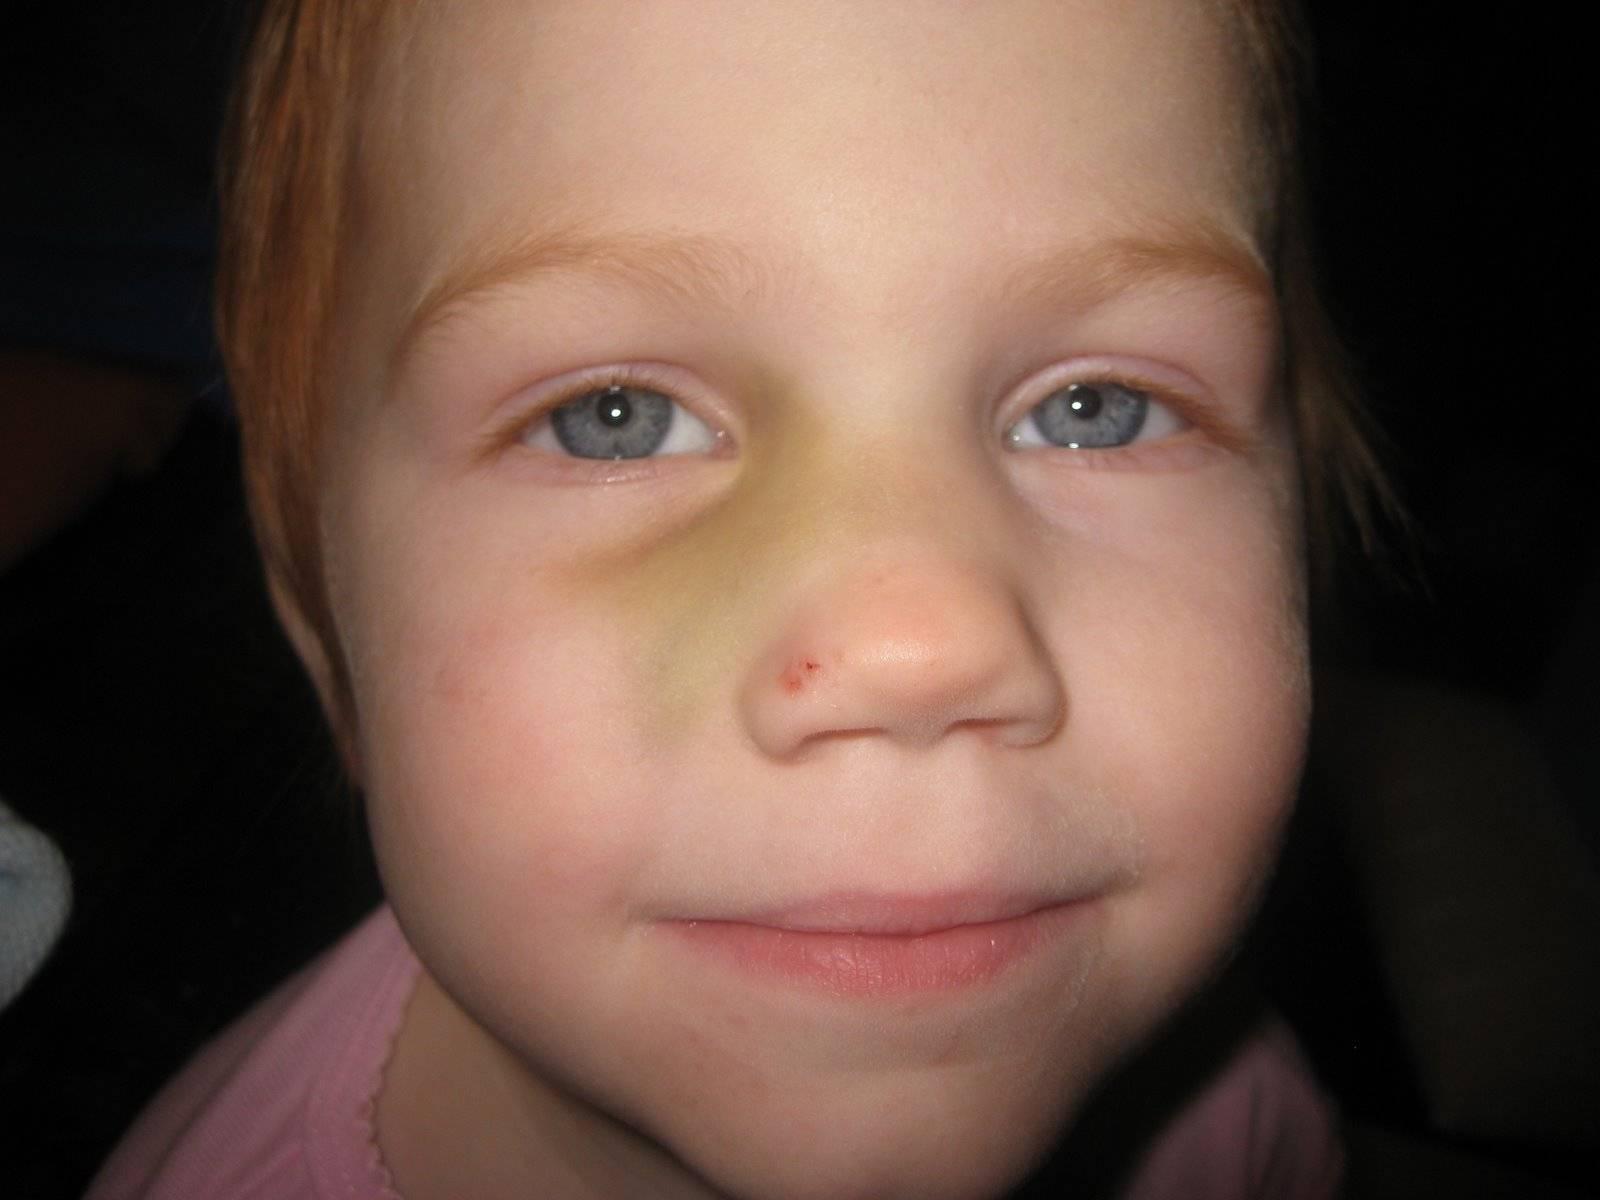 Перелом носа у ребенка: лечение, симптомы, первая помощь и реабилитация